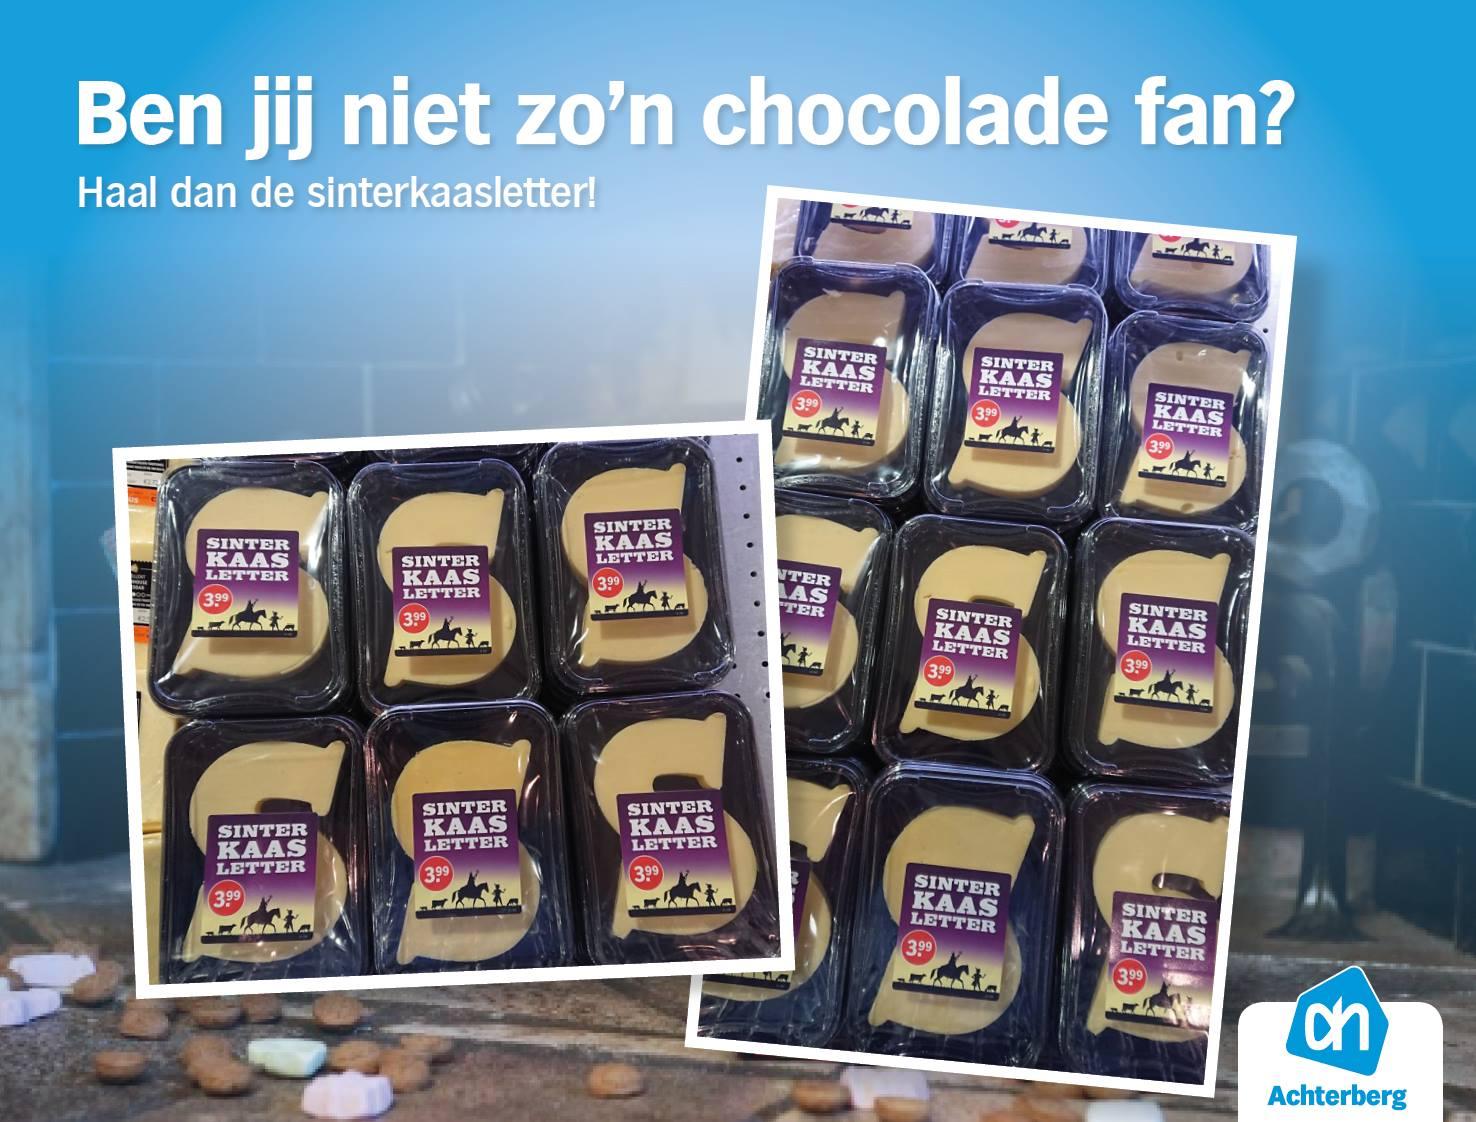 Ben jij niet zo'n chocolade fan! Haal dan de sinterkaasletter!